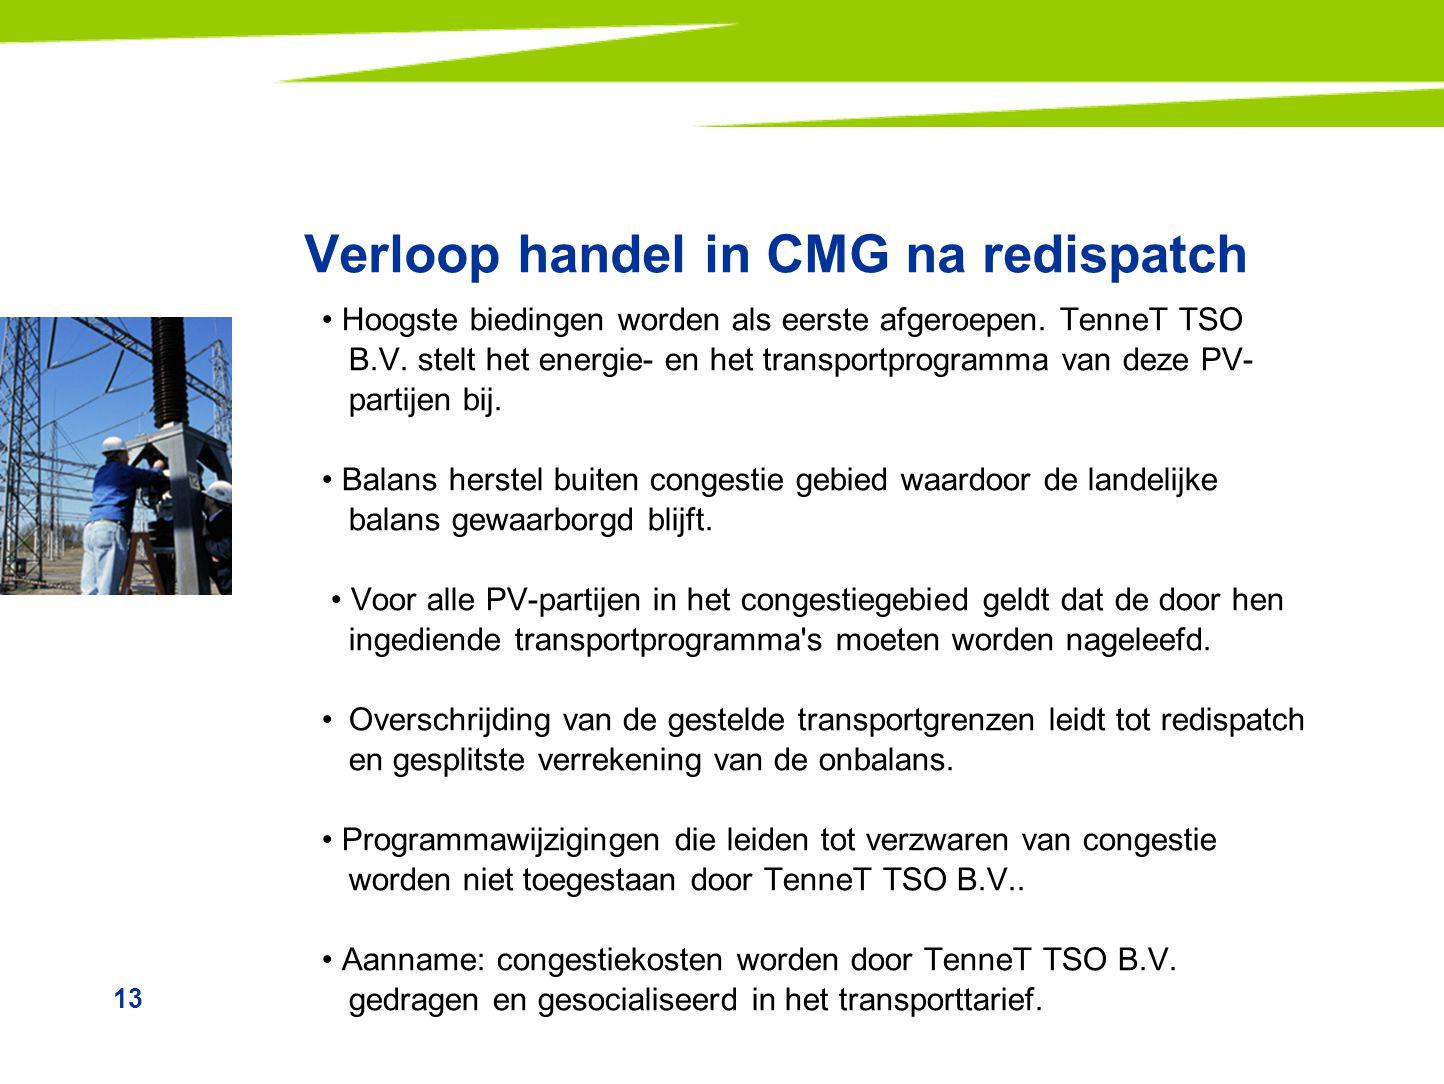 13 Verloop handel in CMG na redispatch Hoogste biedingen worden als eerste afgeroepen. TenneT TSO B.V. stelt het energie- en het transportprogramma va